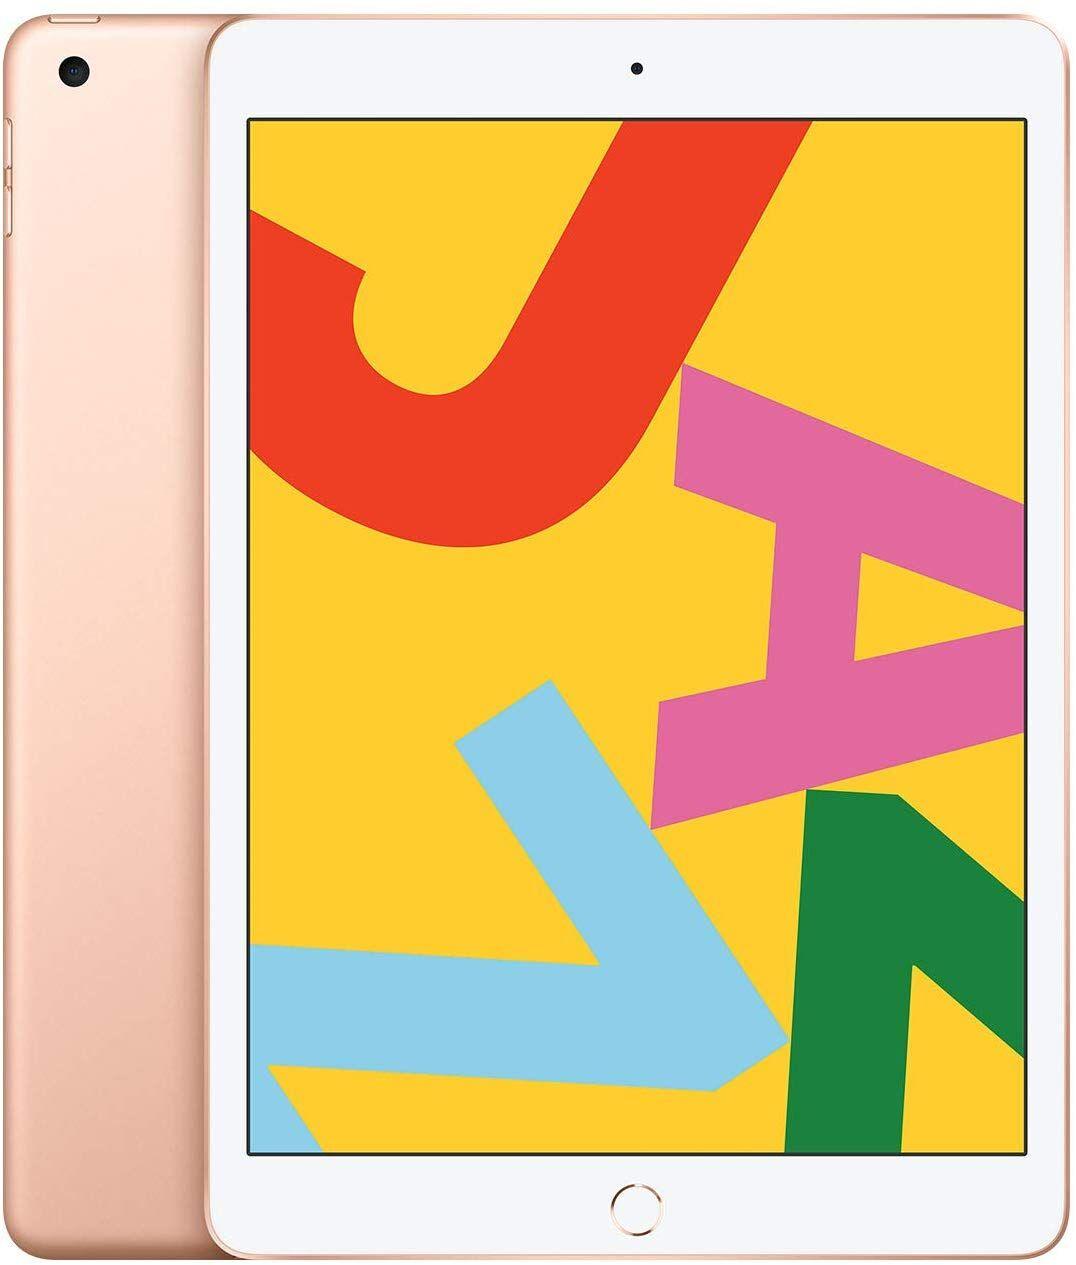 Apple iPad 10.2 WiFi 7th Generation -2019 (Brand New), Gold / 128GB